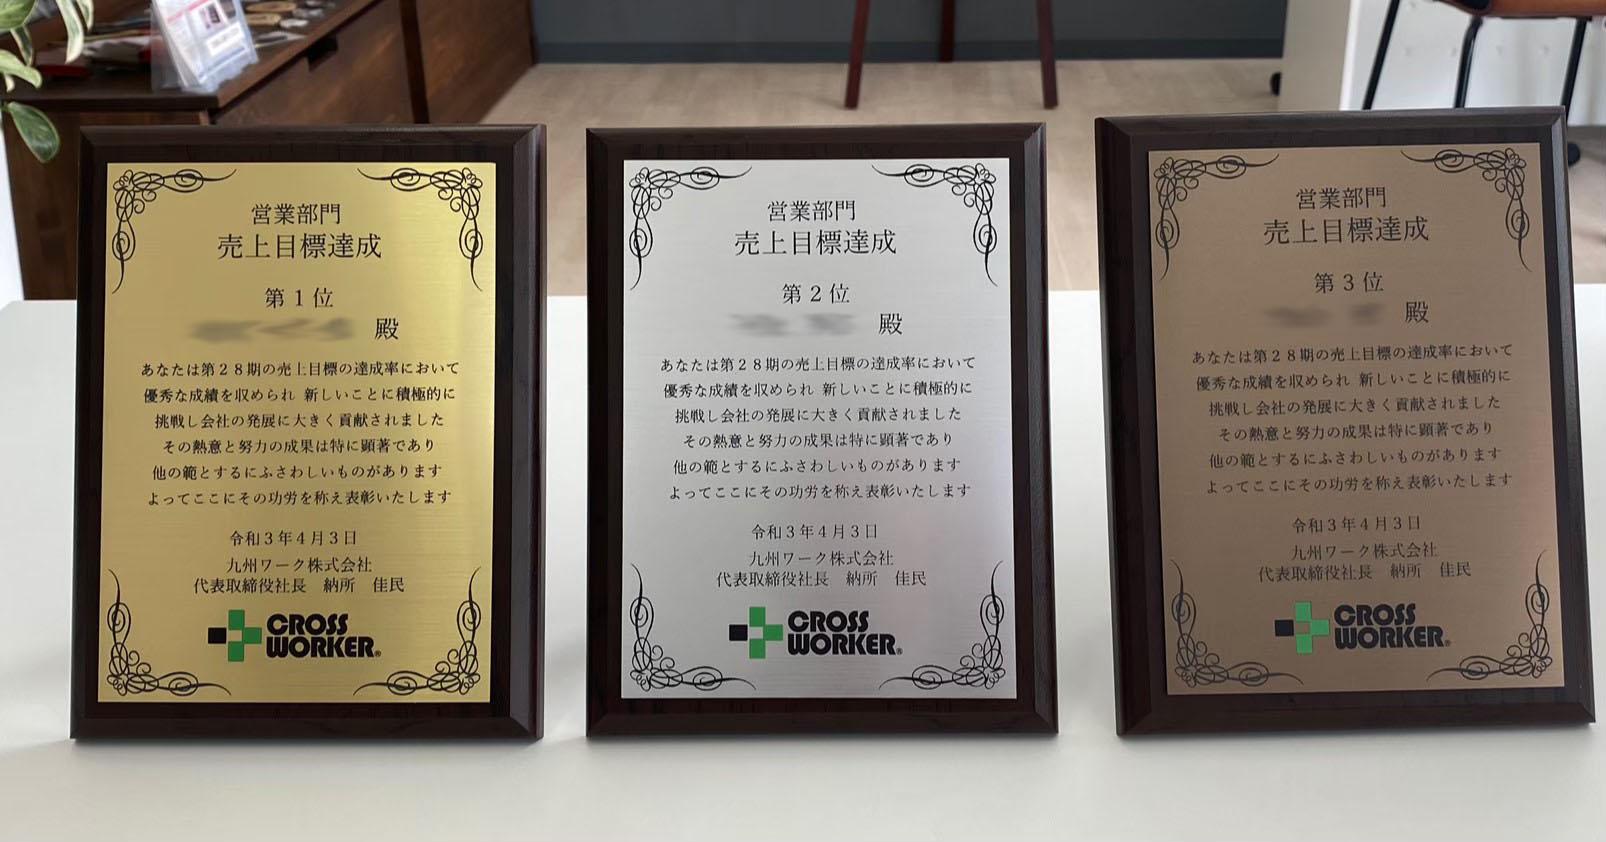 村上彫刻 商品事例 表彰盾 記念盾 盾 営業 九州ワーク クロスワーカー